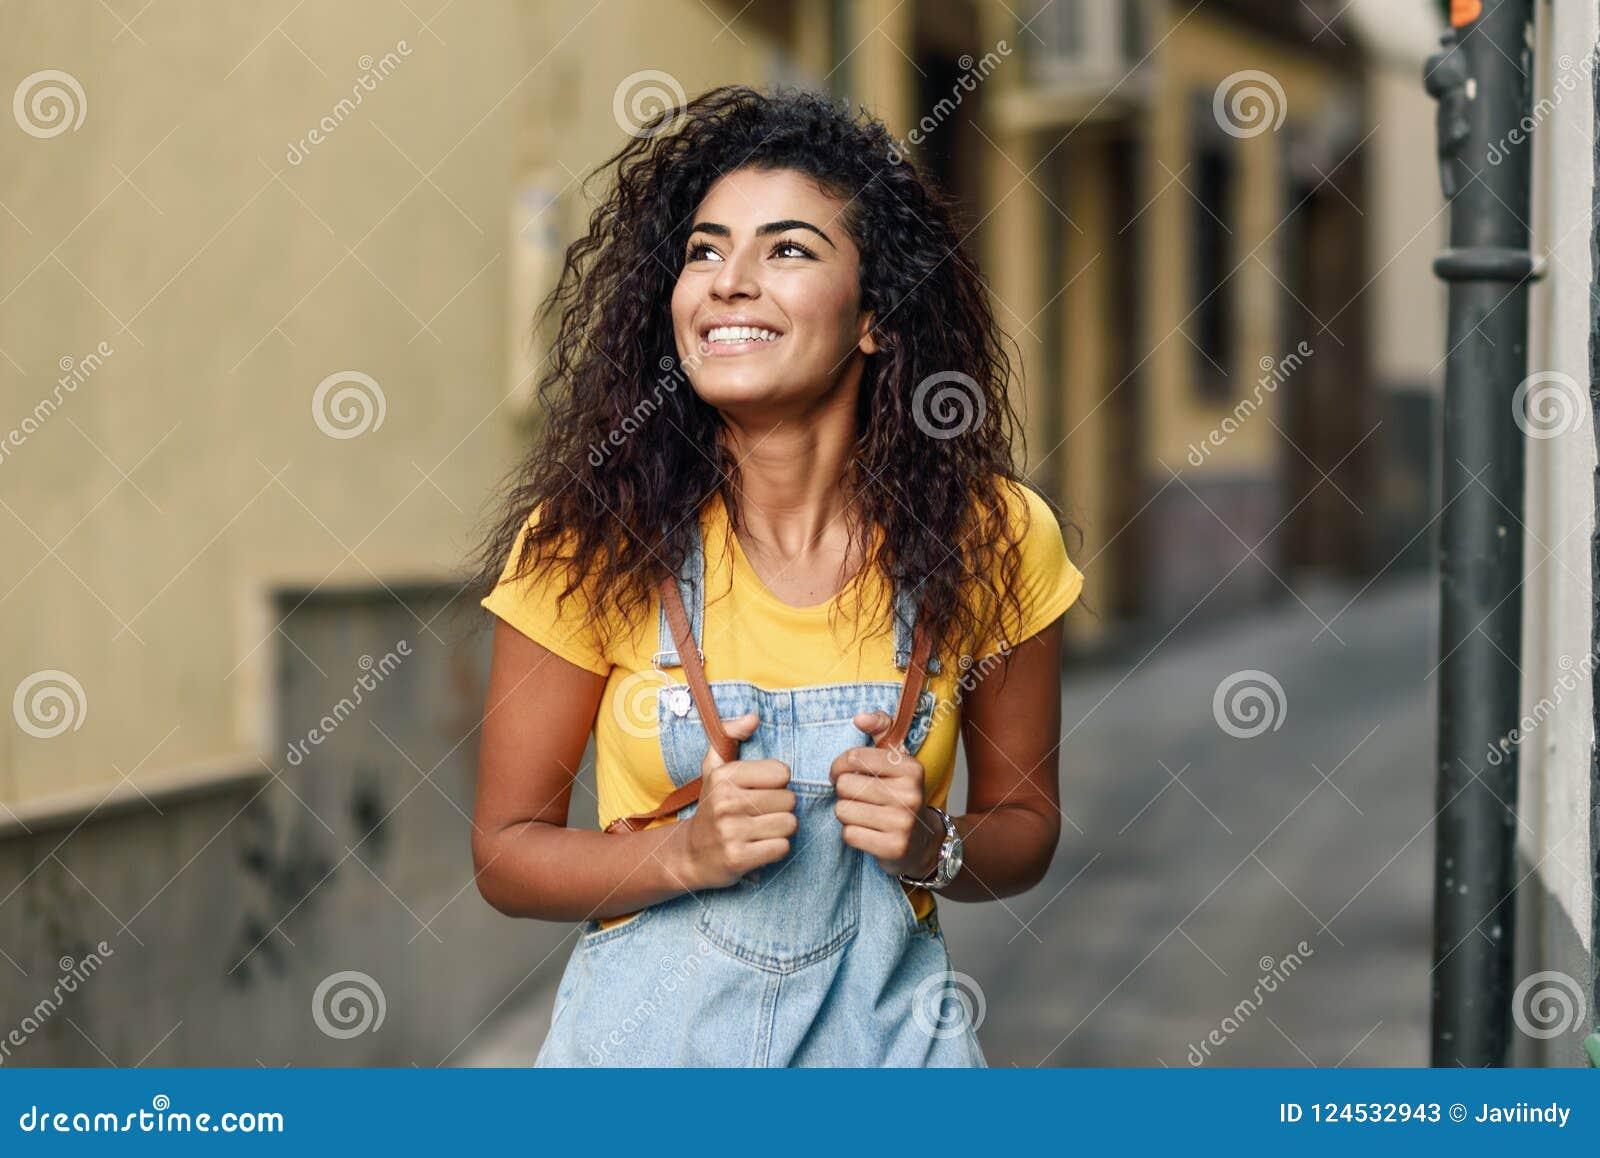 34fad216fa Giovane Donna Africana Del Nord Con L'acconciatura Riccia Nera All ...